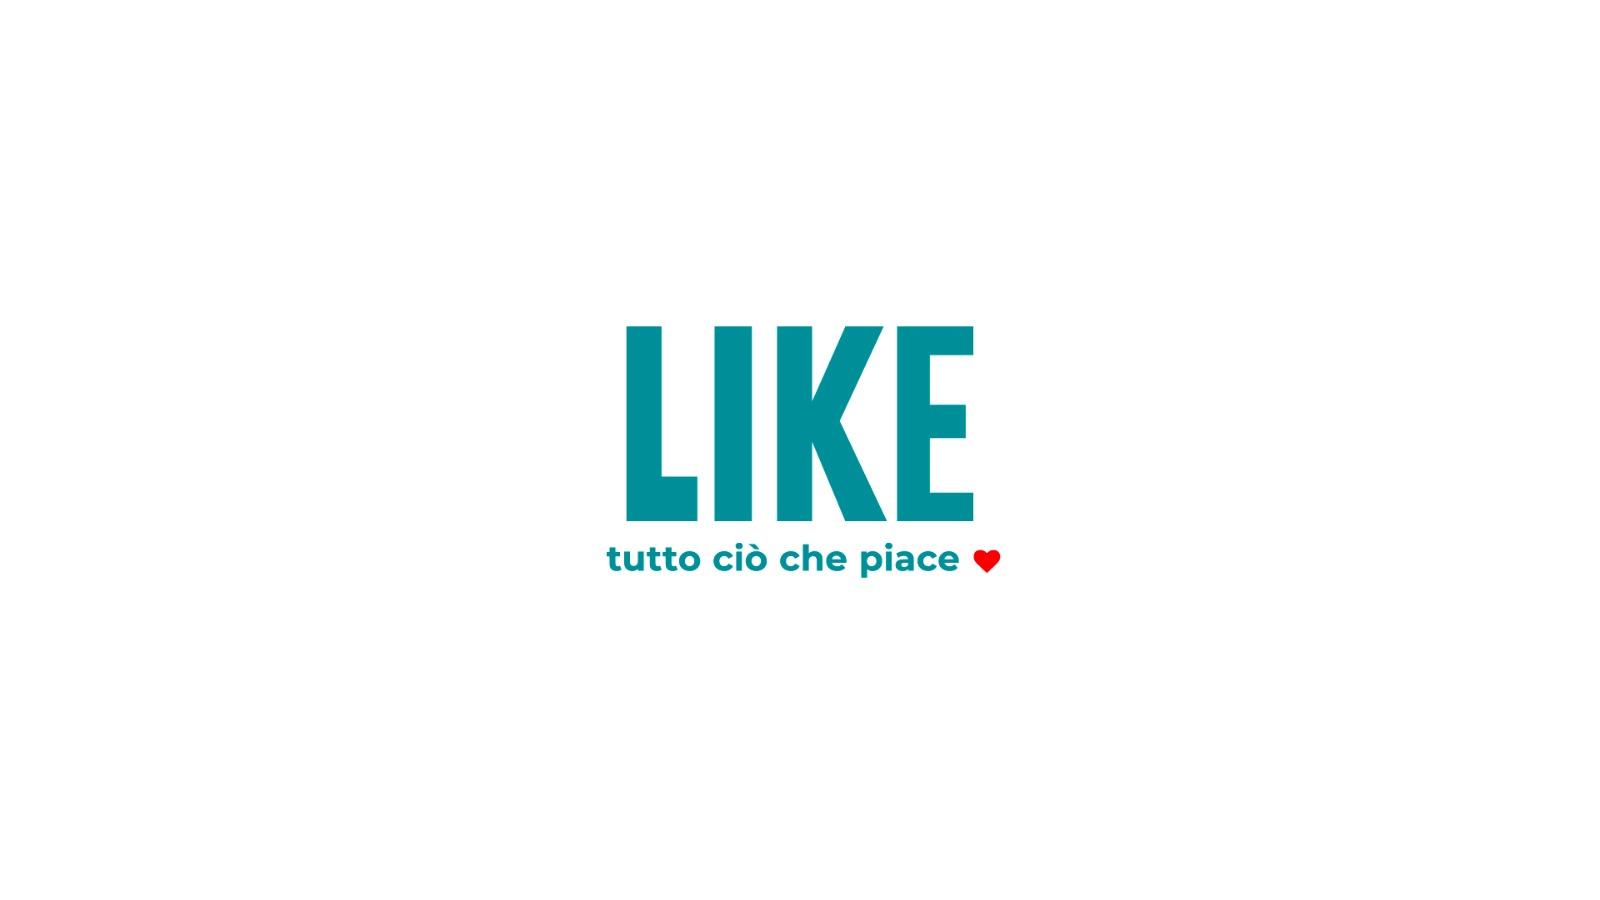 La7 - Like tutto ciò che piace